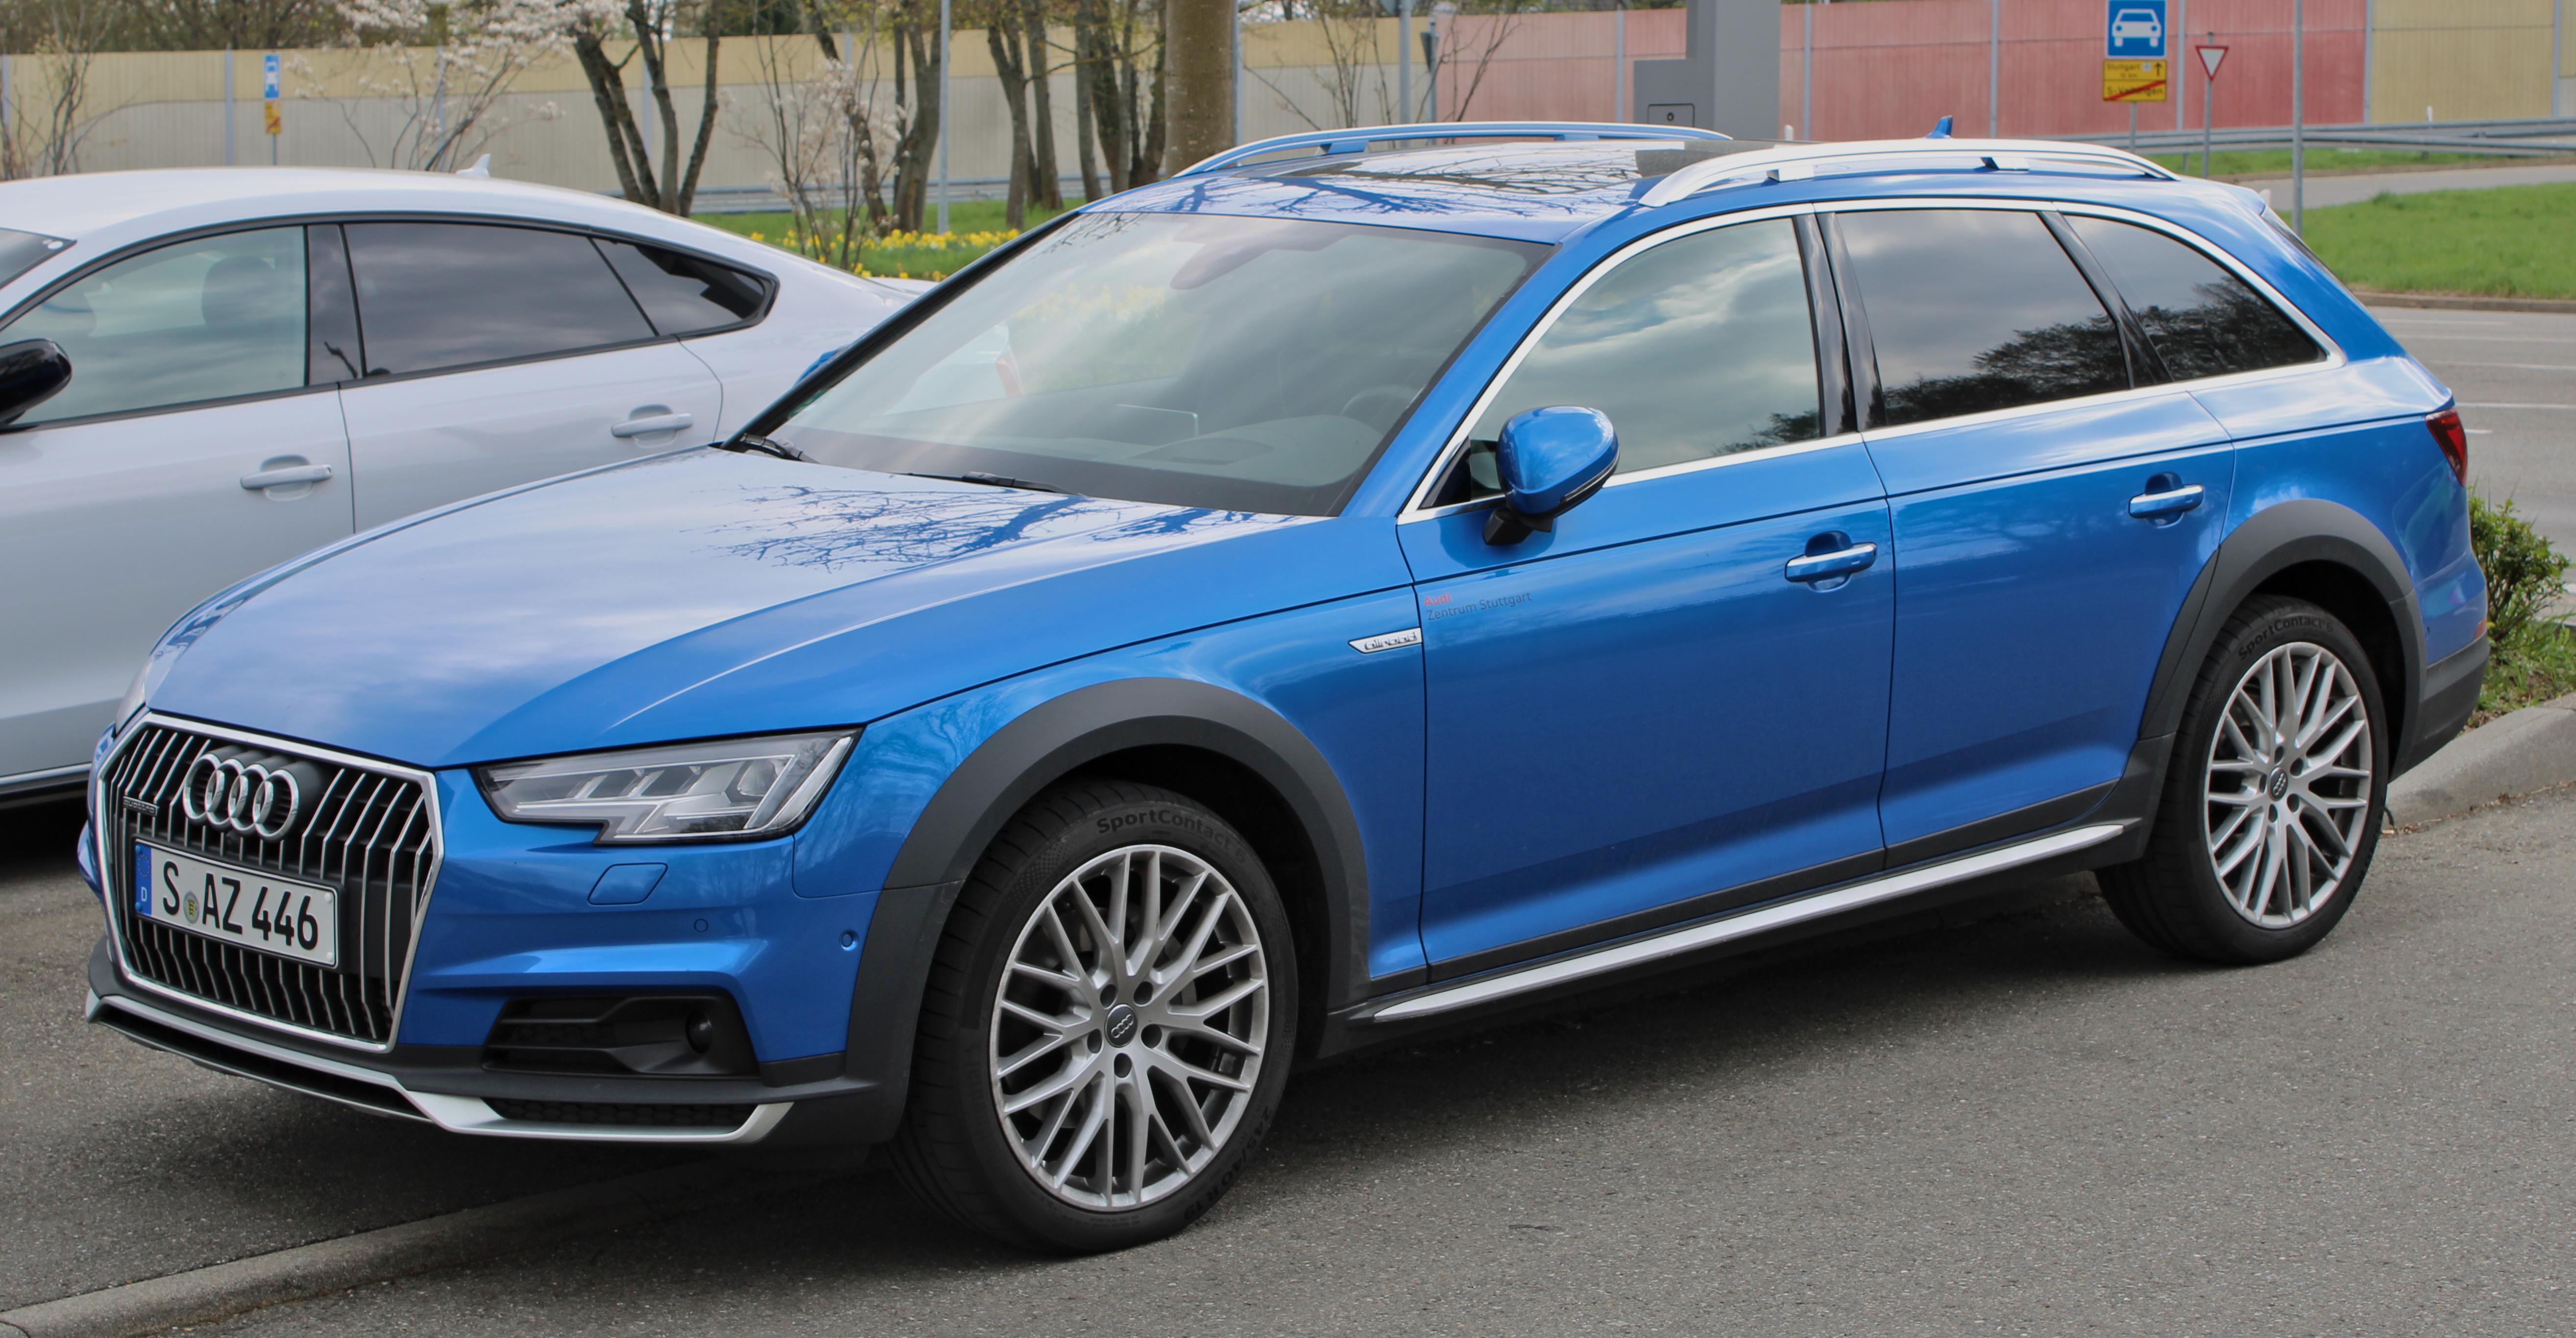 Kelebihan Kekurangan Audi A4 Allroad Tangguh